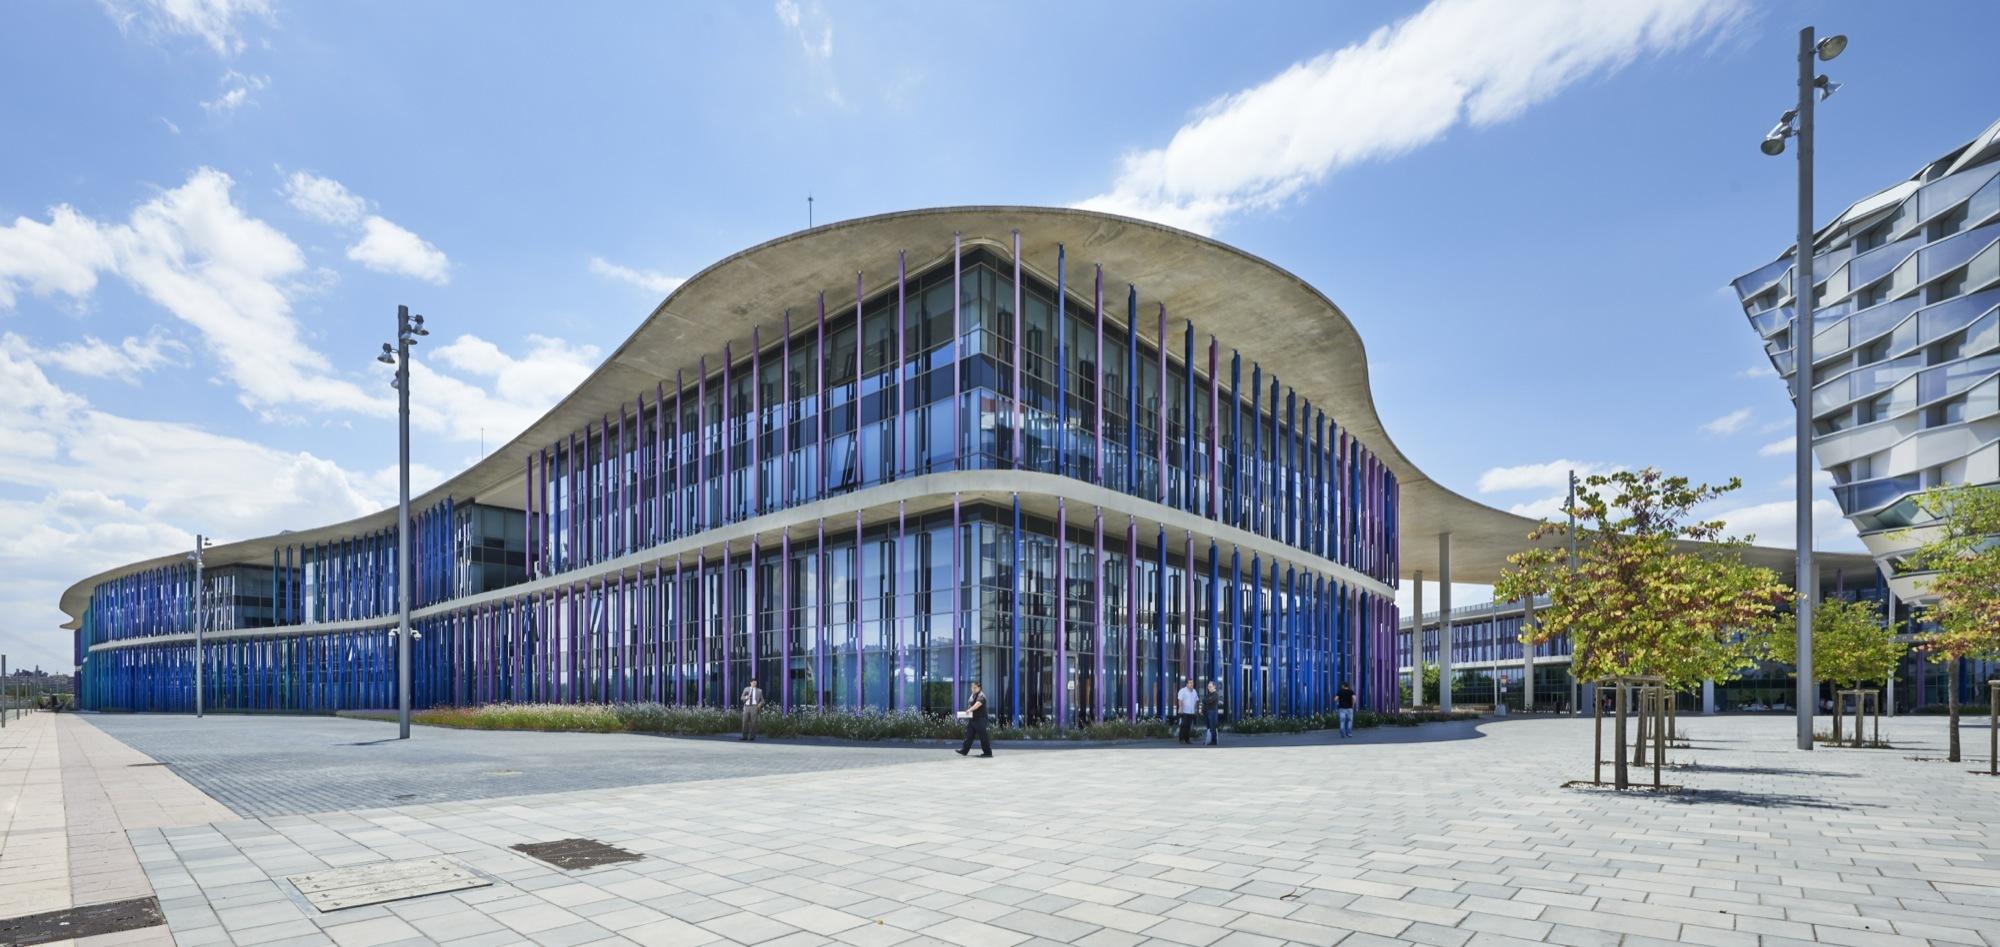 Ciudad de la justicia estudio lamela plataforma arquitectura - Estudio arquitectura zaragoza ...